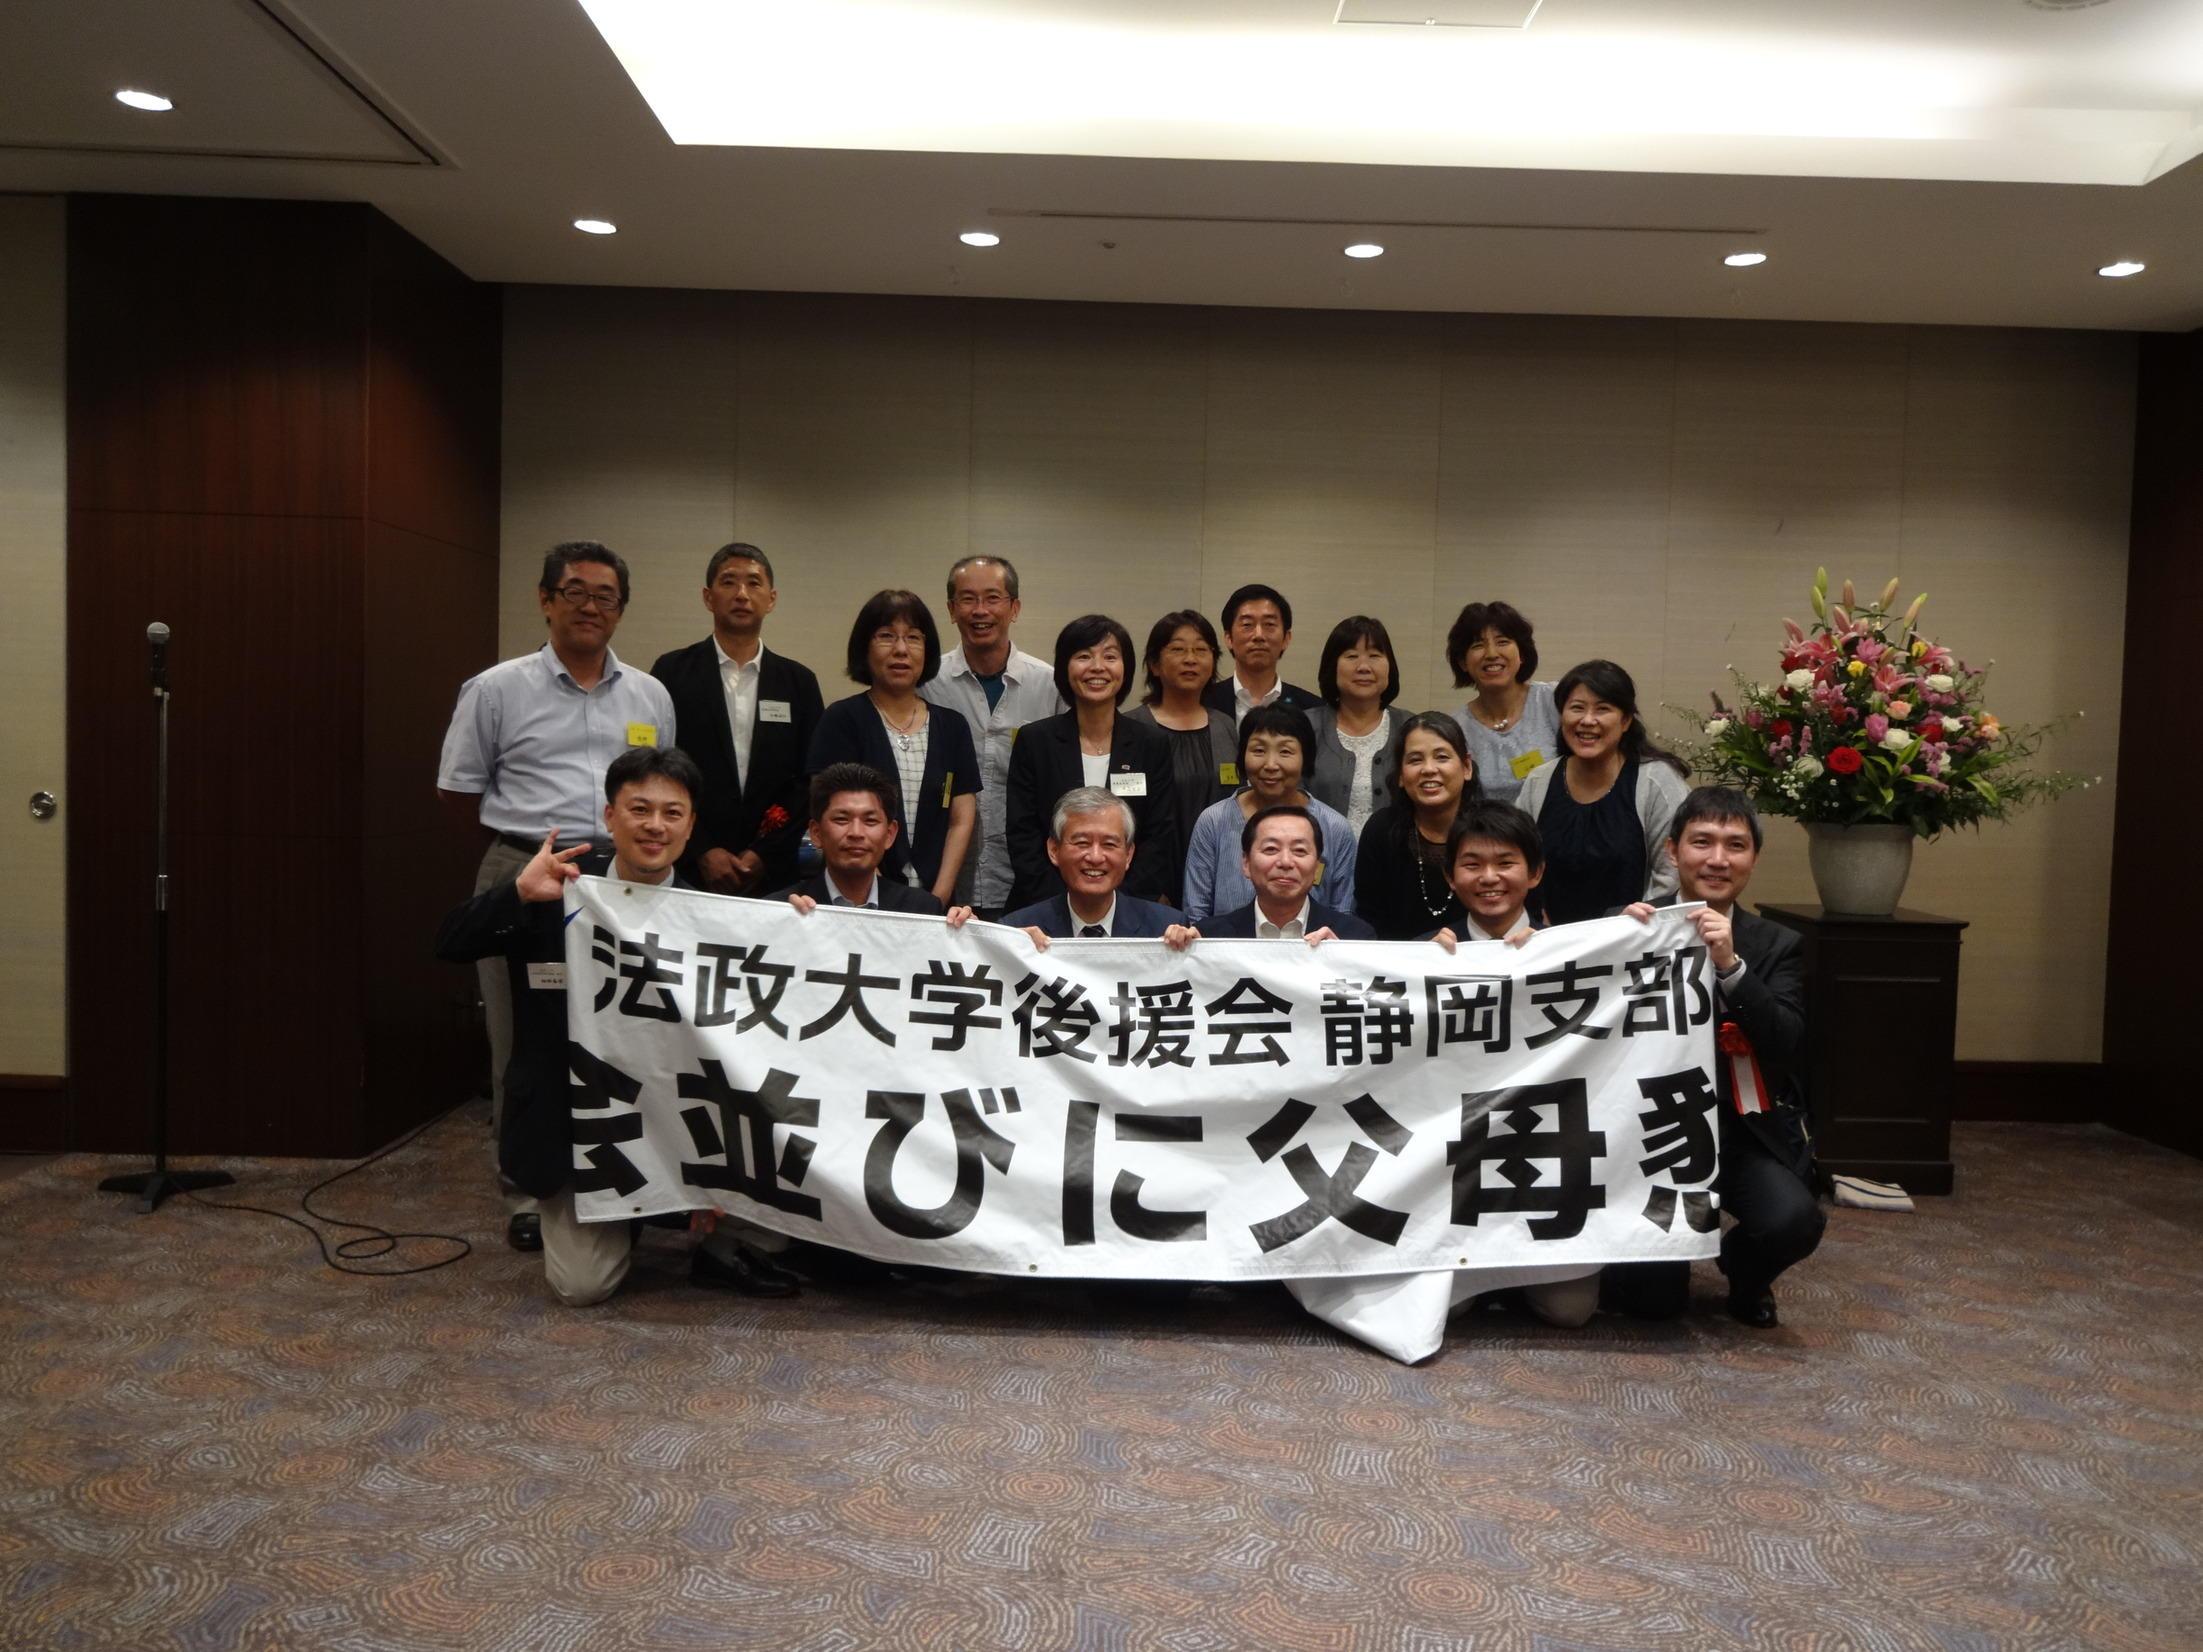 静岡支部2016年度「支部通常総会並びに父母懇談会」開催報告